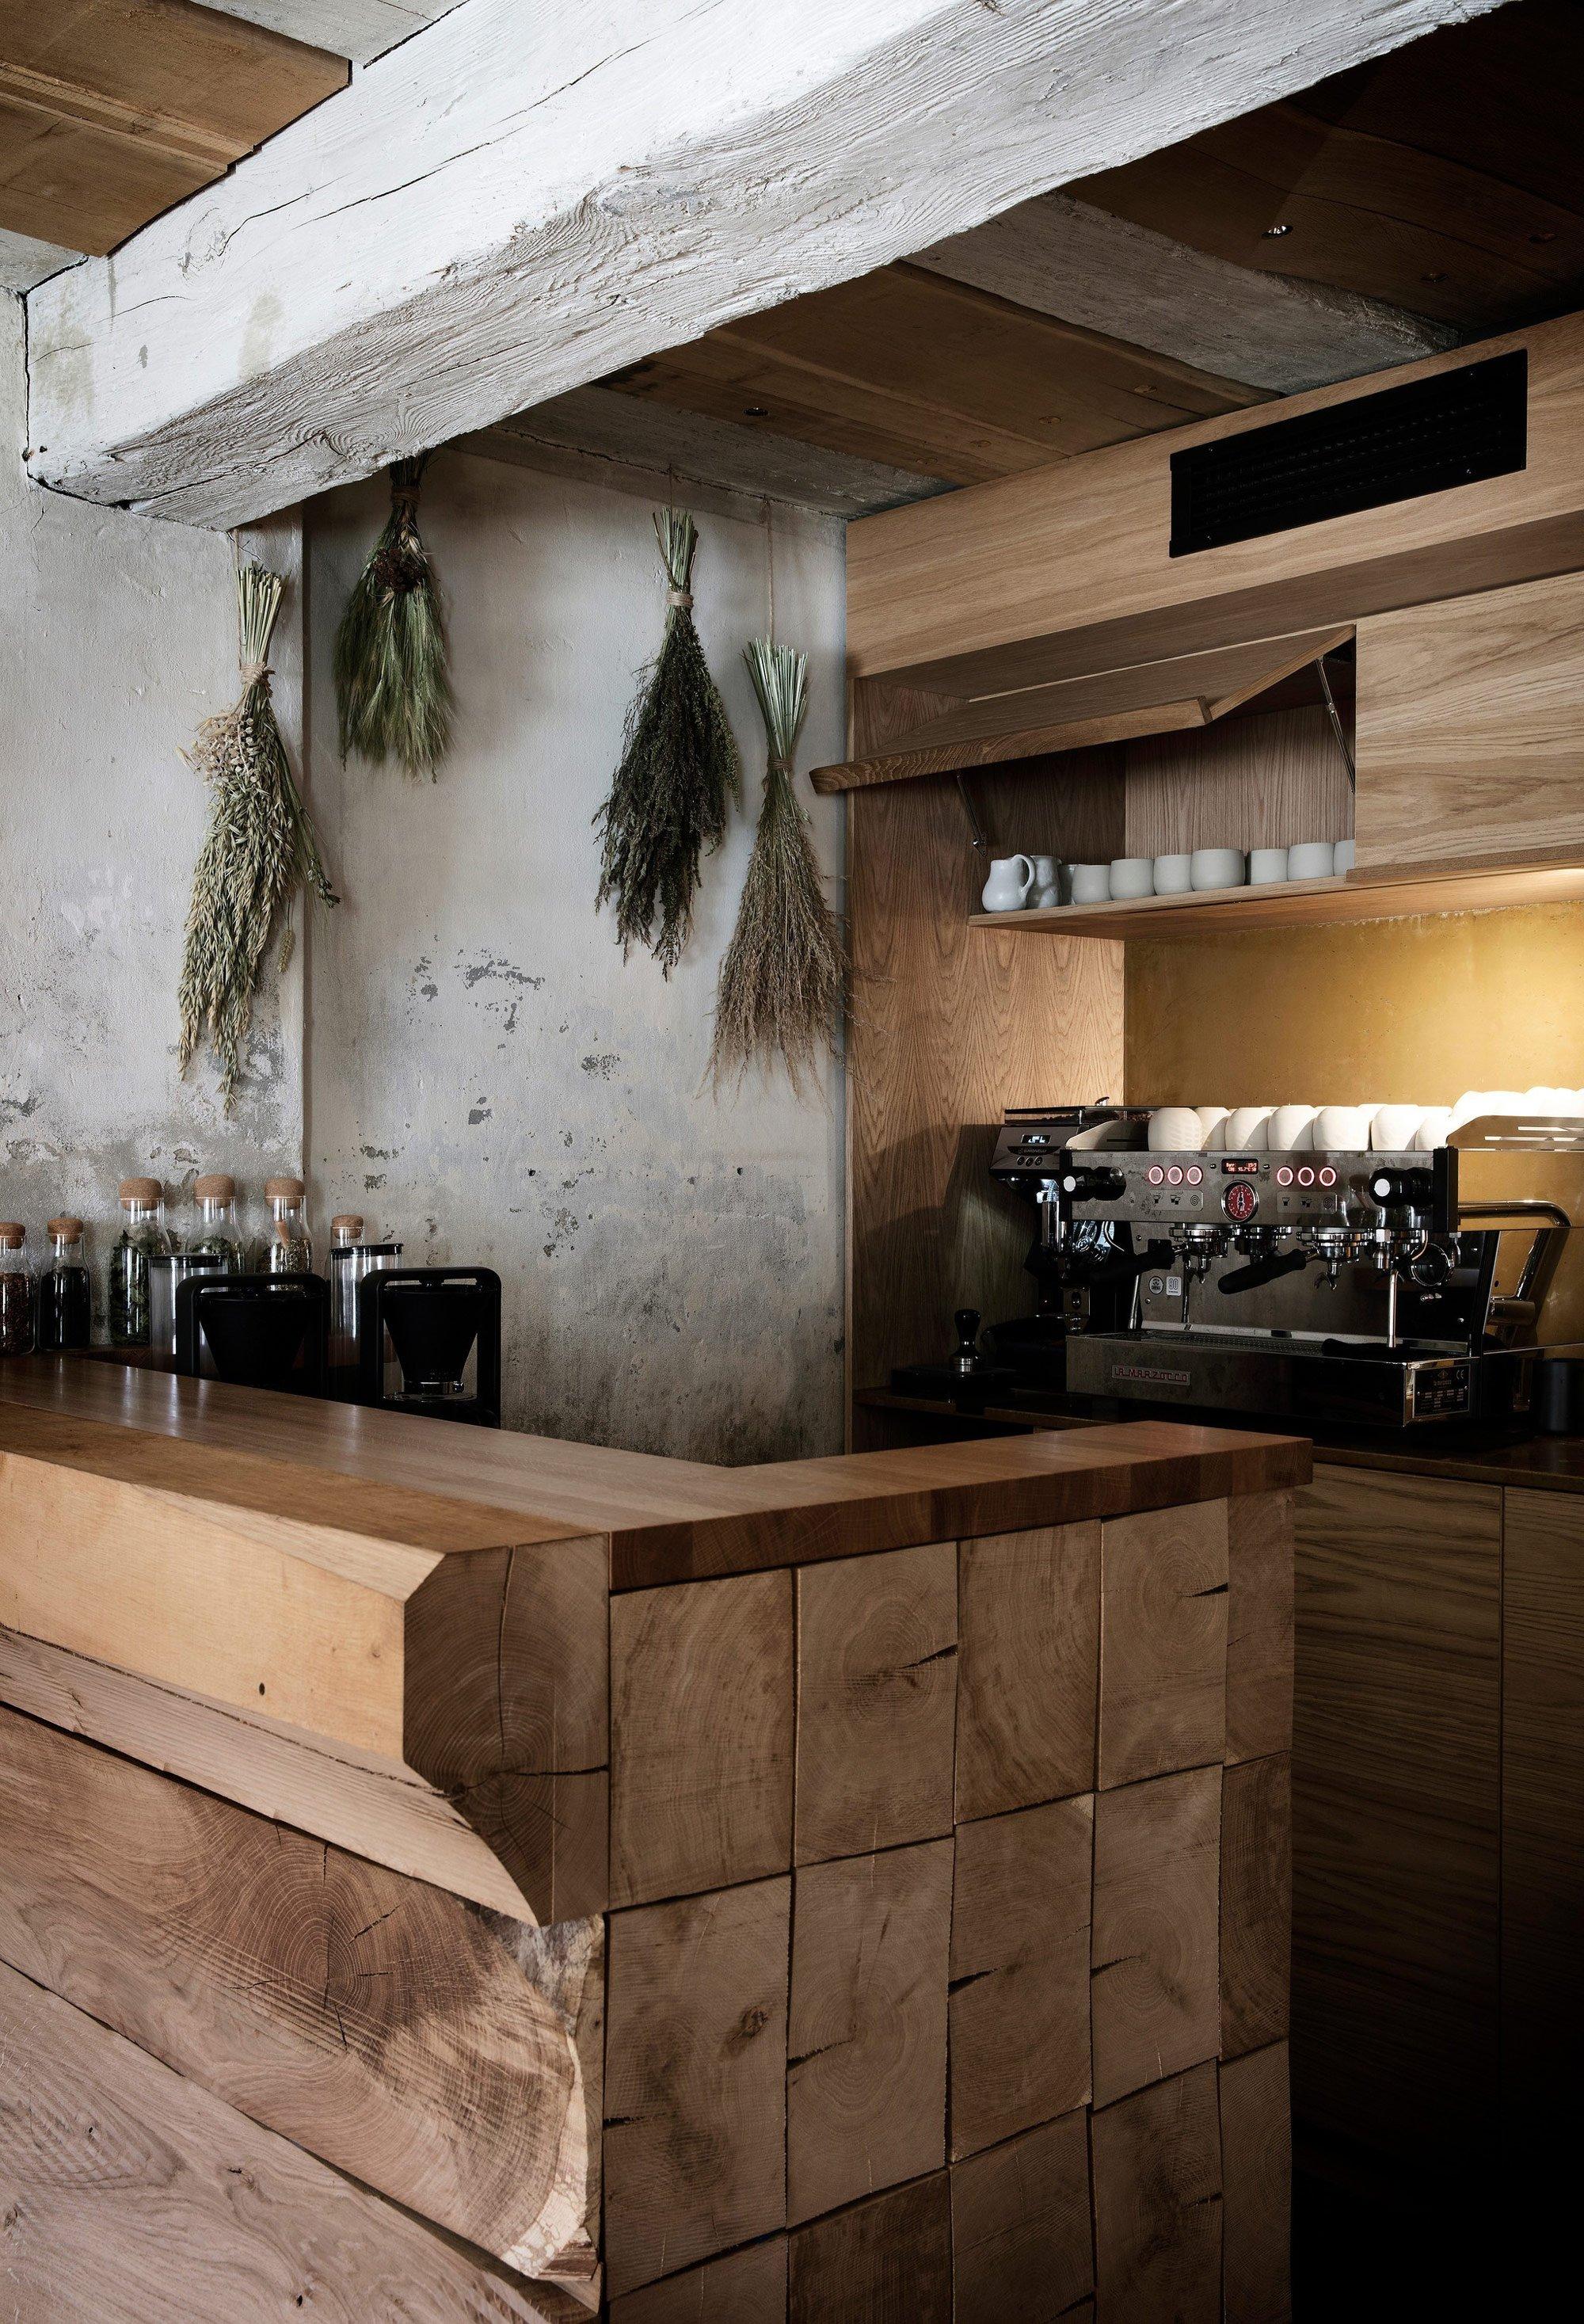 The Barr Restaurant Designed By Snhetta